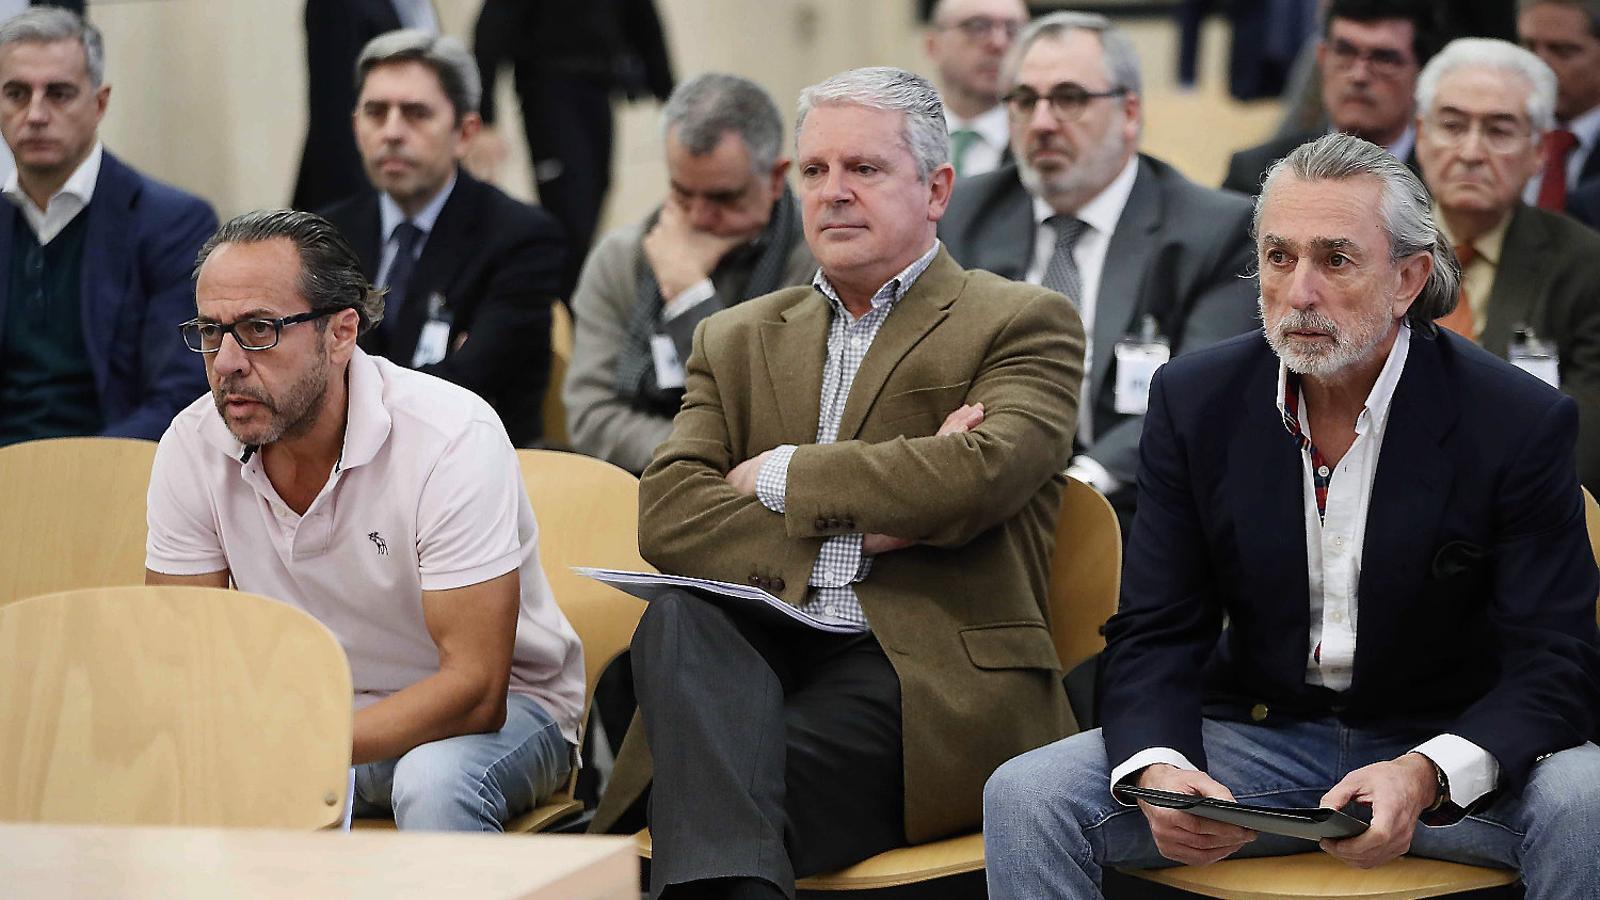 L'Audiència Nacional certifica el finançament il·legal del PP valencià